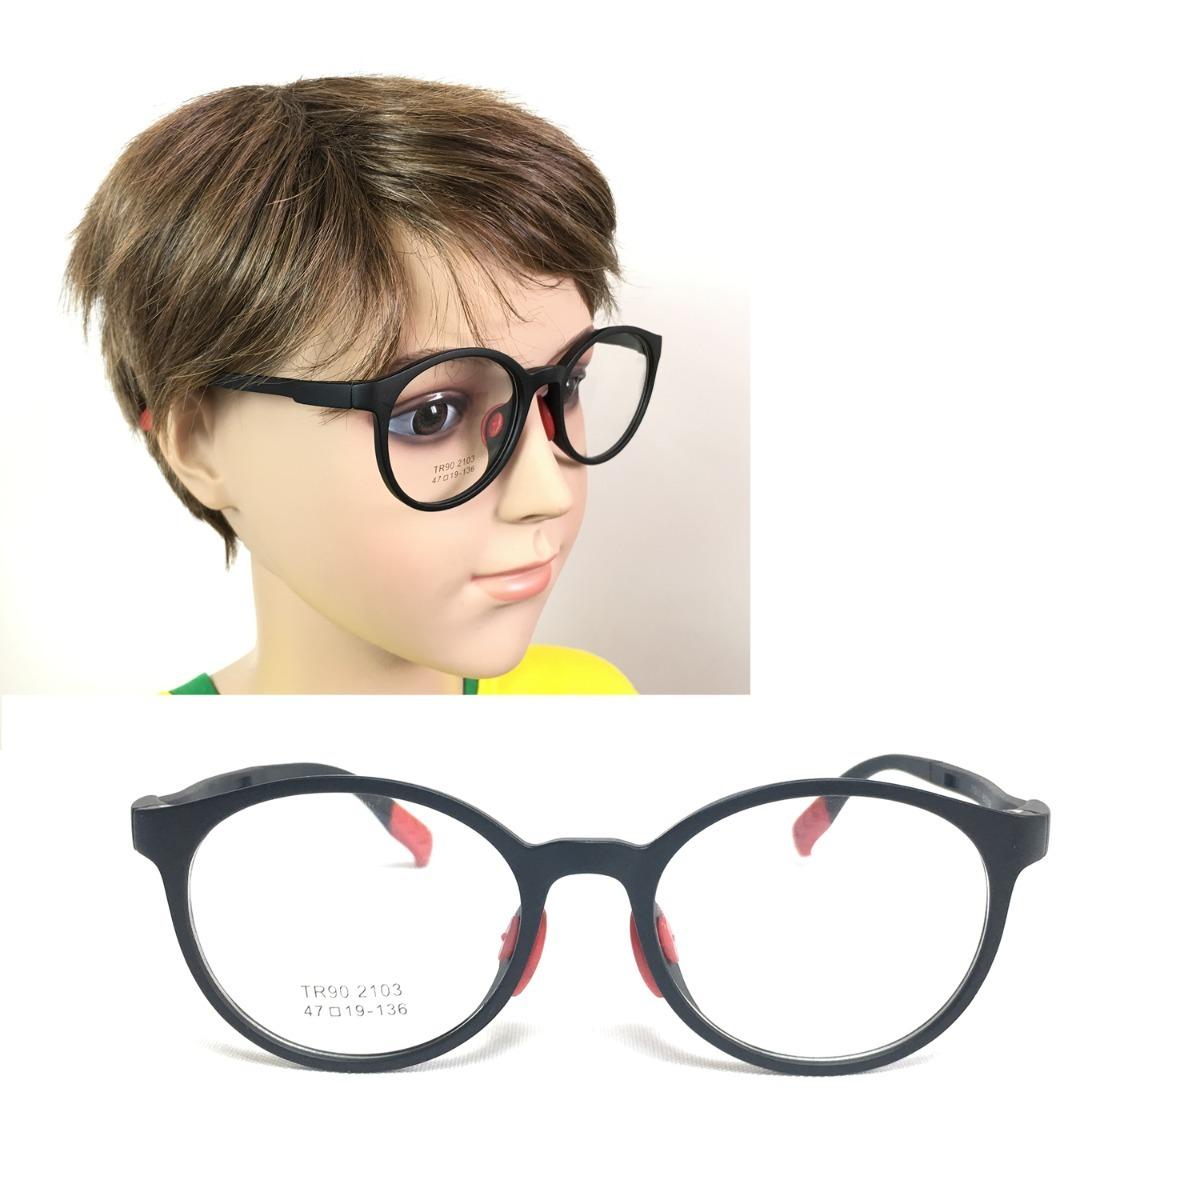 1d4225a76 Armação Óculos Grau Infantil Plastico Menino 2103 - R$ 71,46 em ...